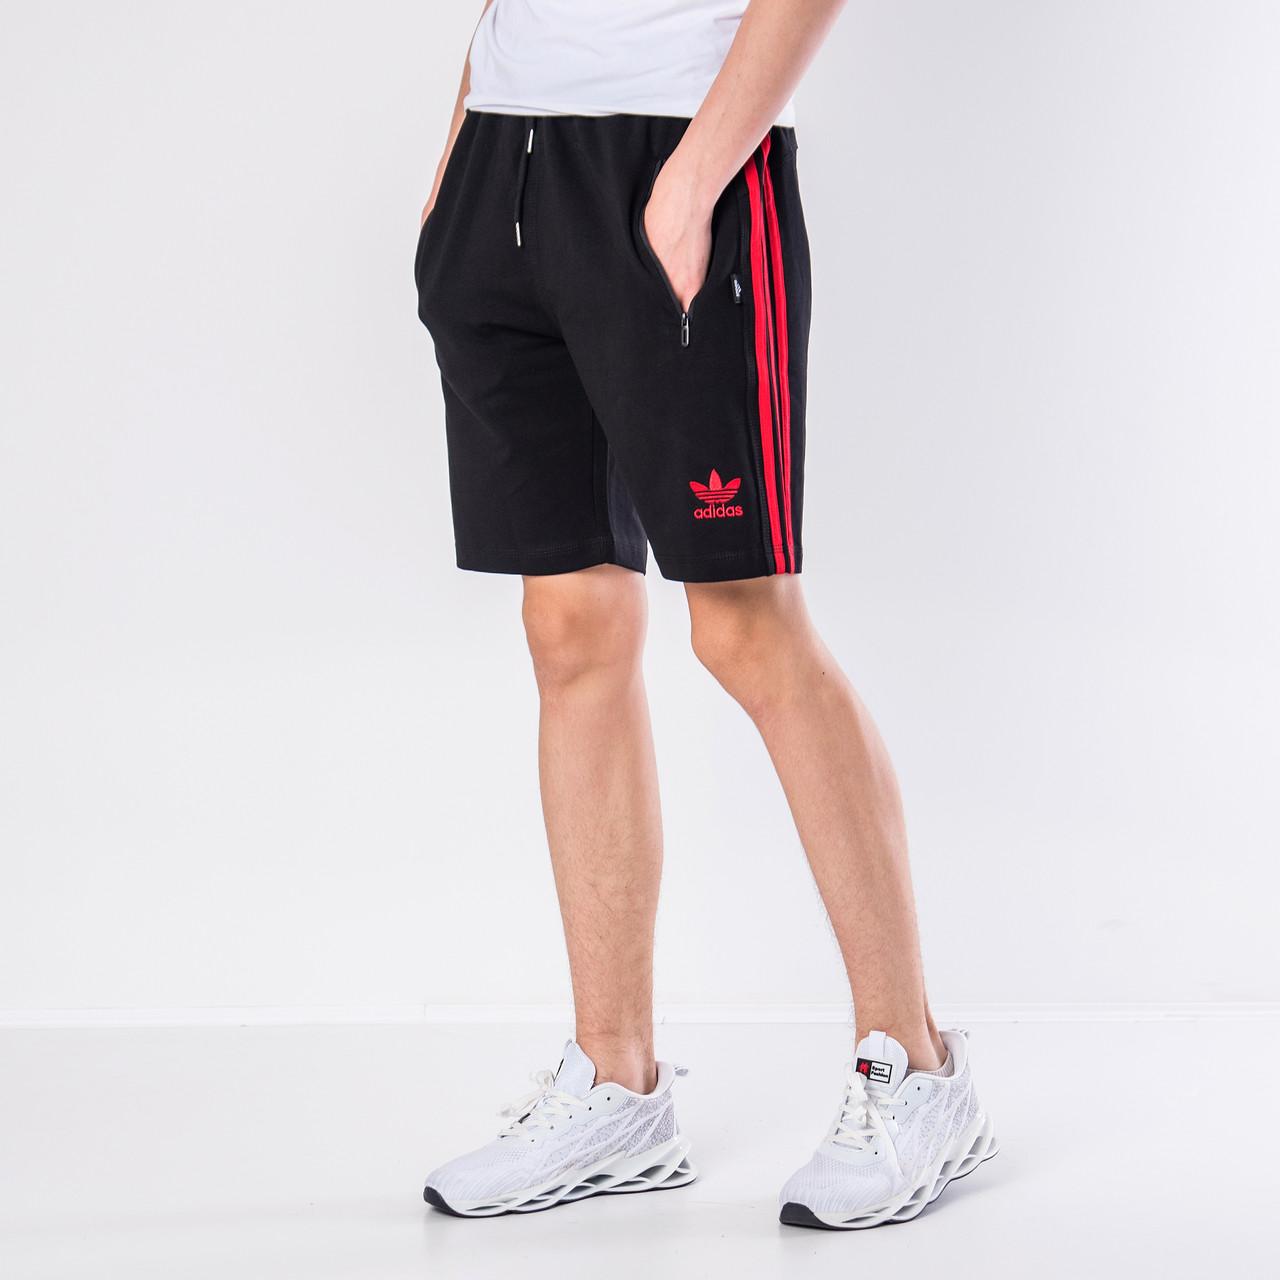 Чоловічі трикотажні шорти Adidas чорного кольору з червоними полосками